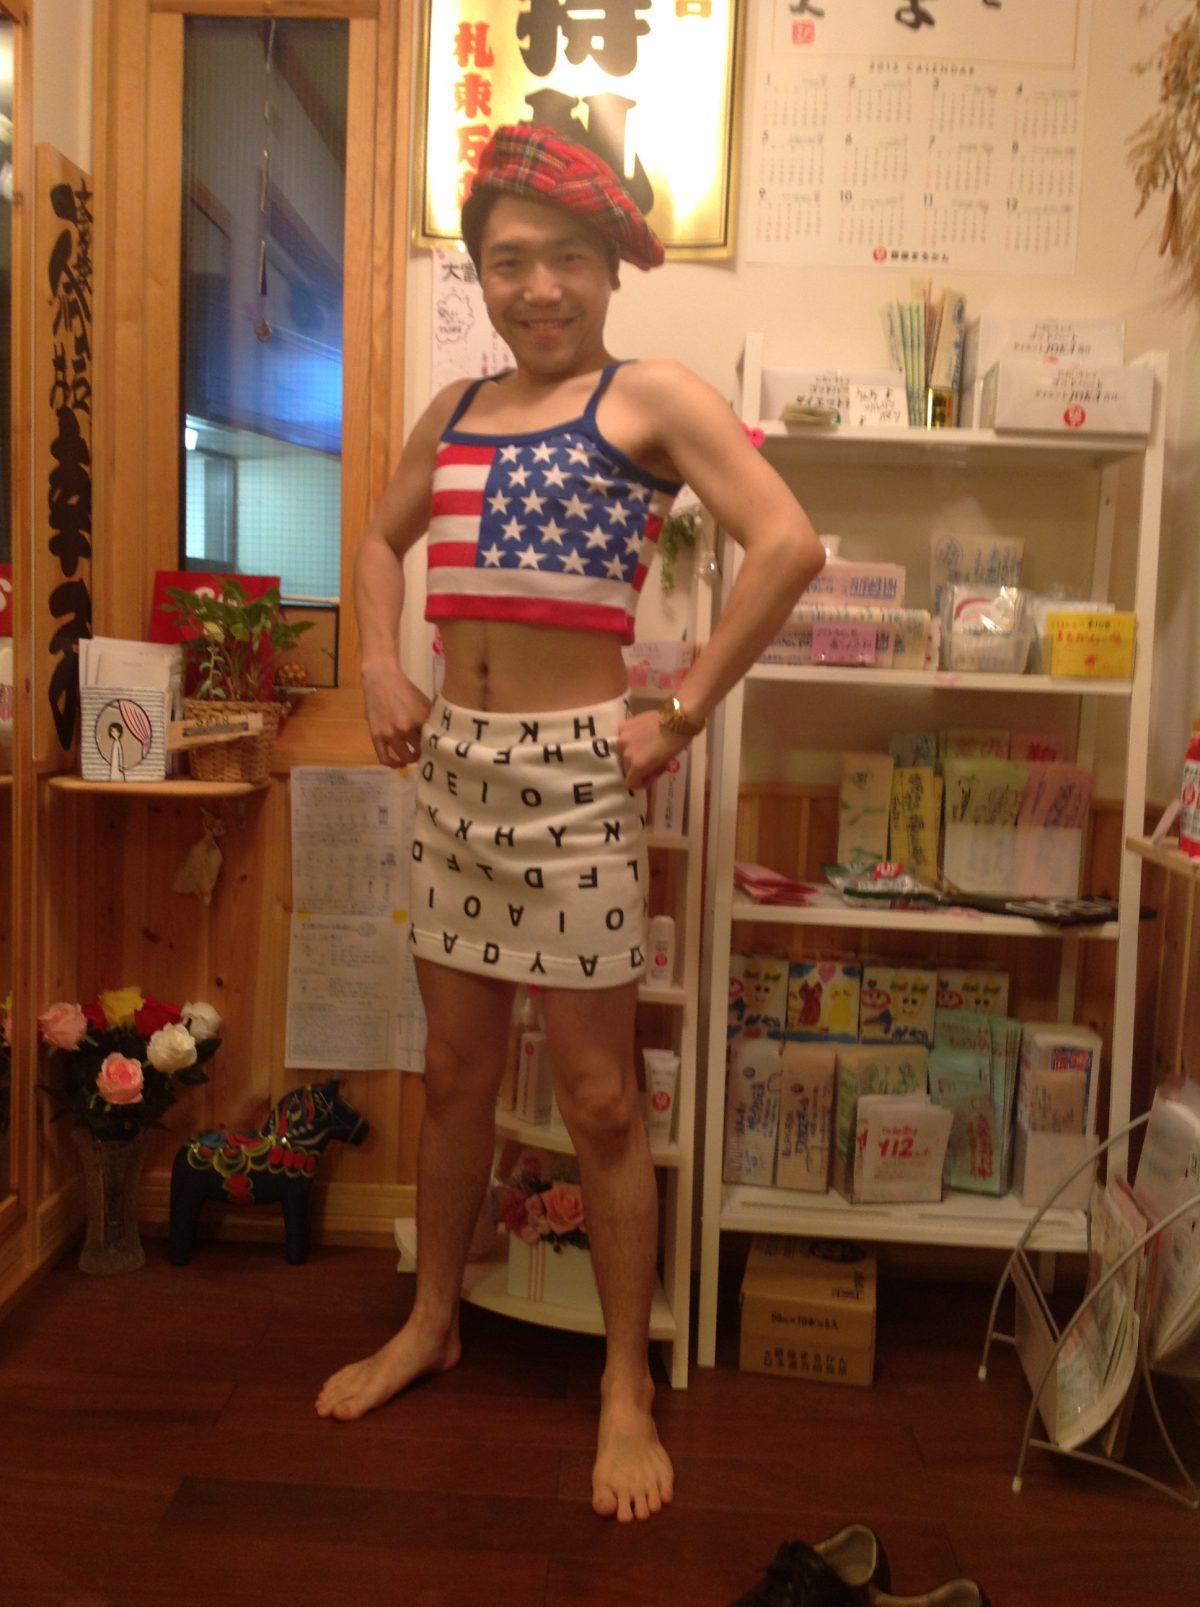 まゆみちゃんのブログが好きです、まゆみちゃんのお洋服、見せます。